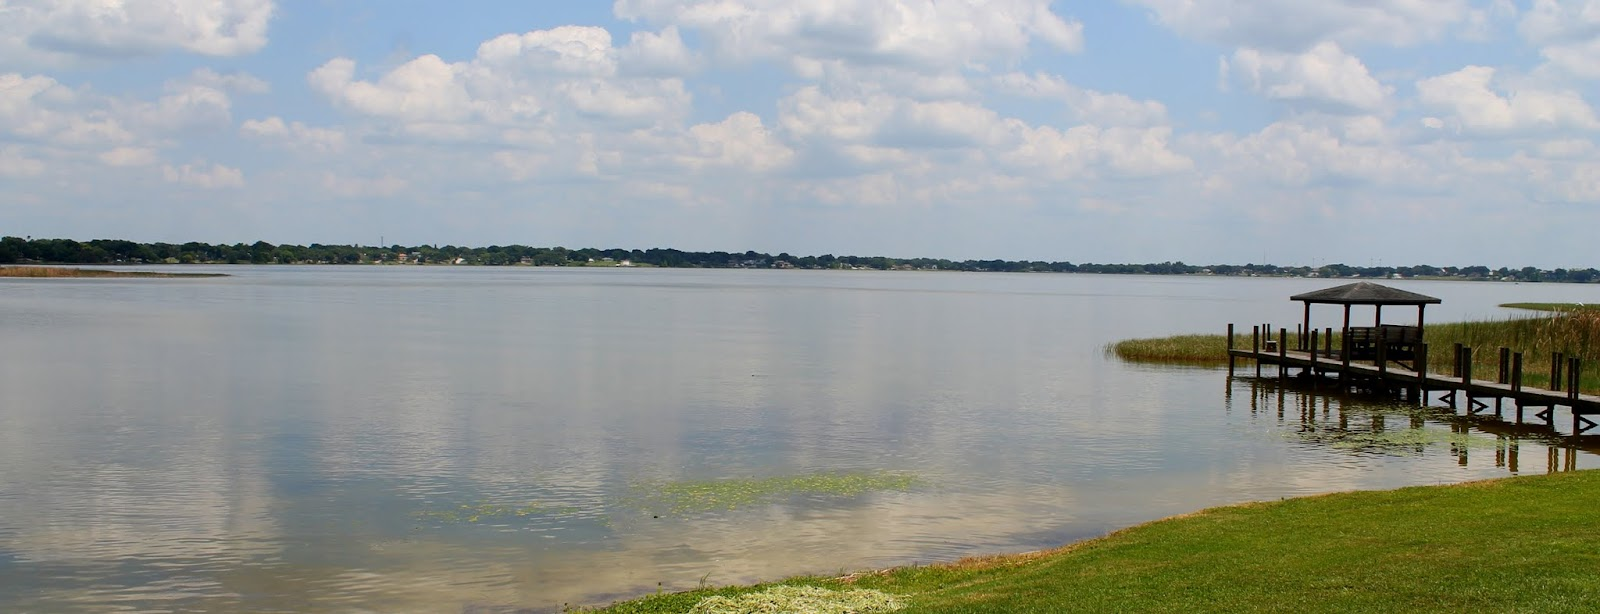 Panorámica del lago al comienzo del recorrido